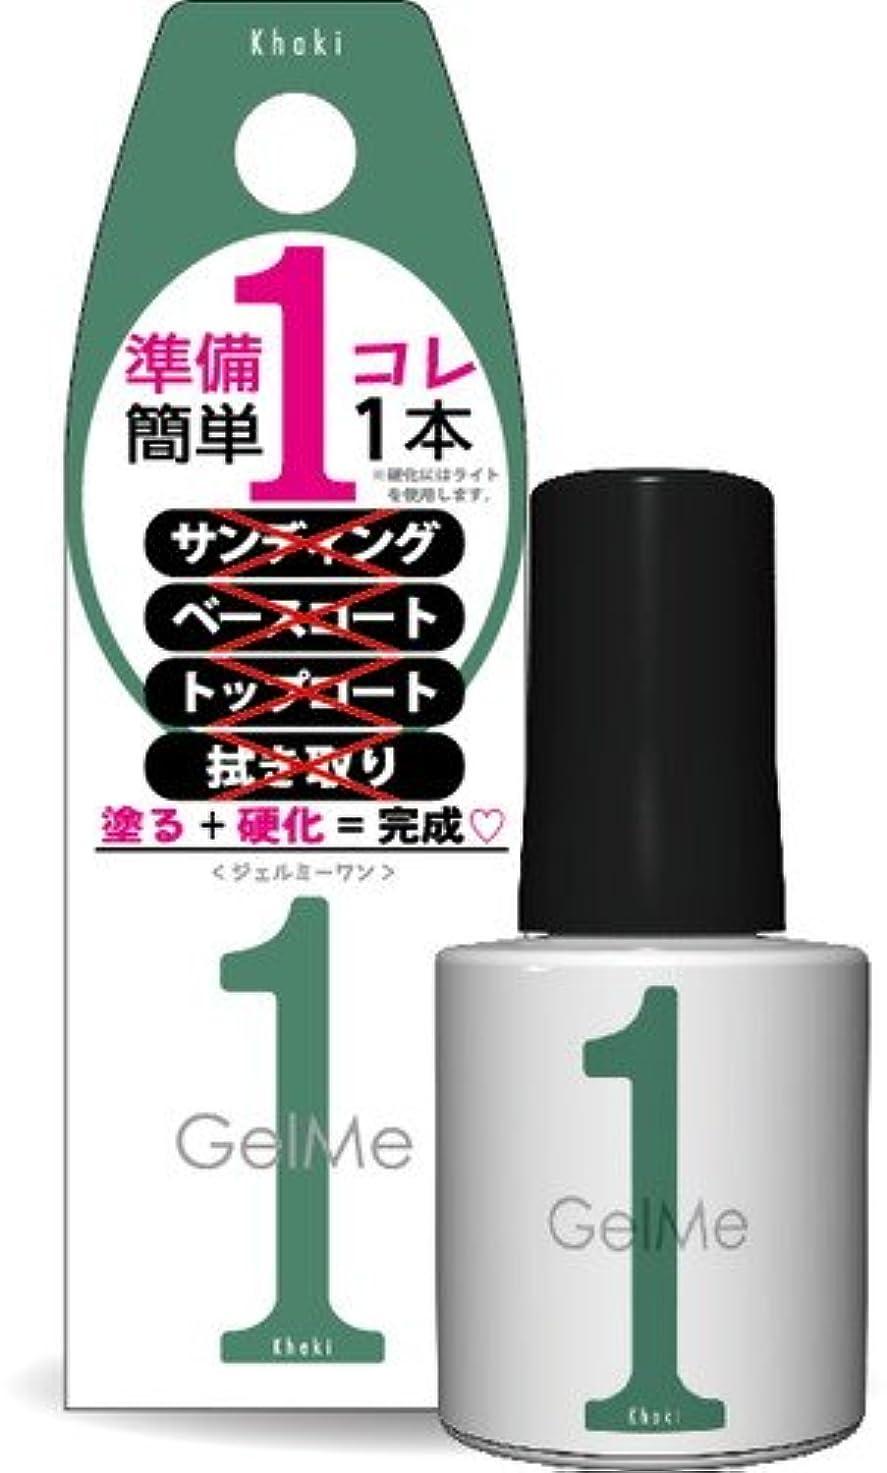 メンタル甘美なタオルジェルミーワン(Gel Me 1) 29カーキ